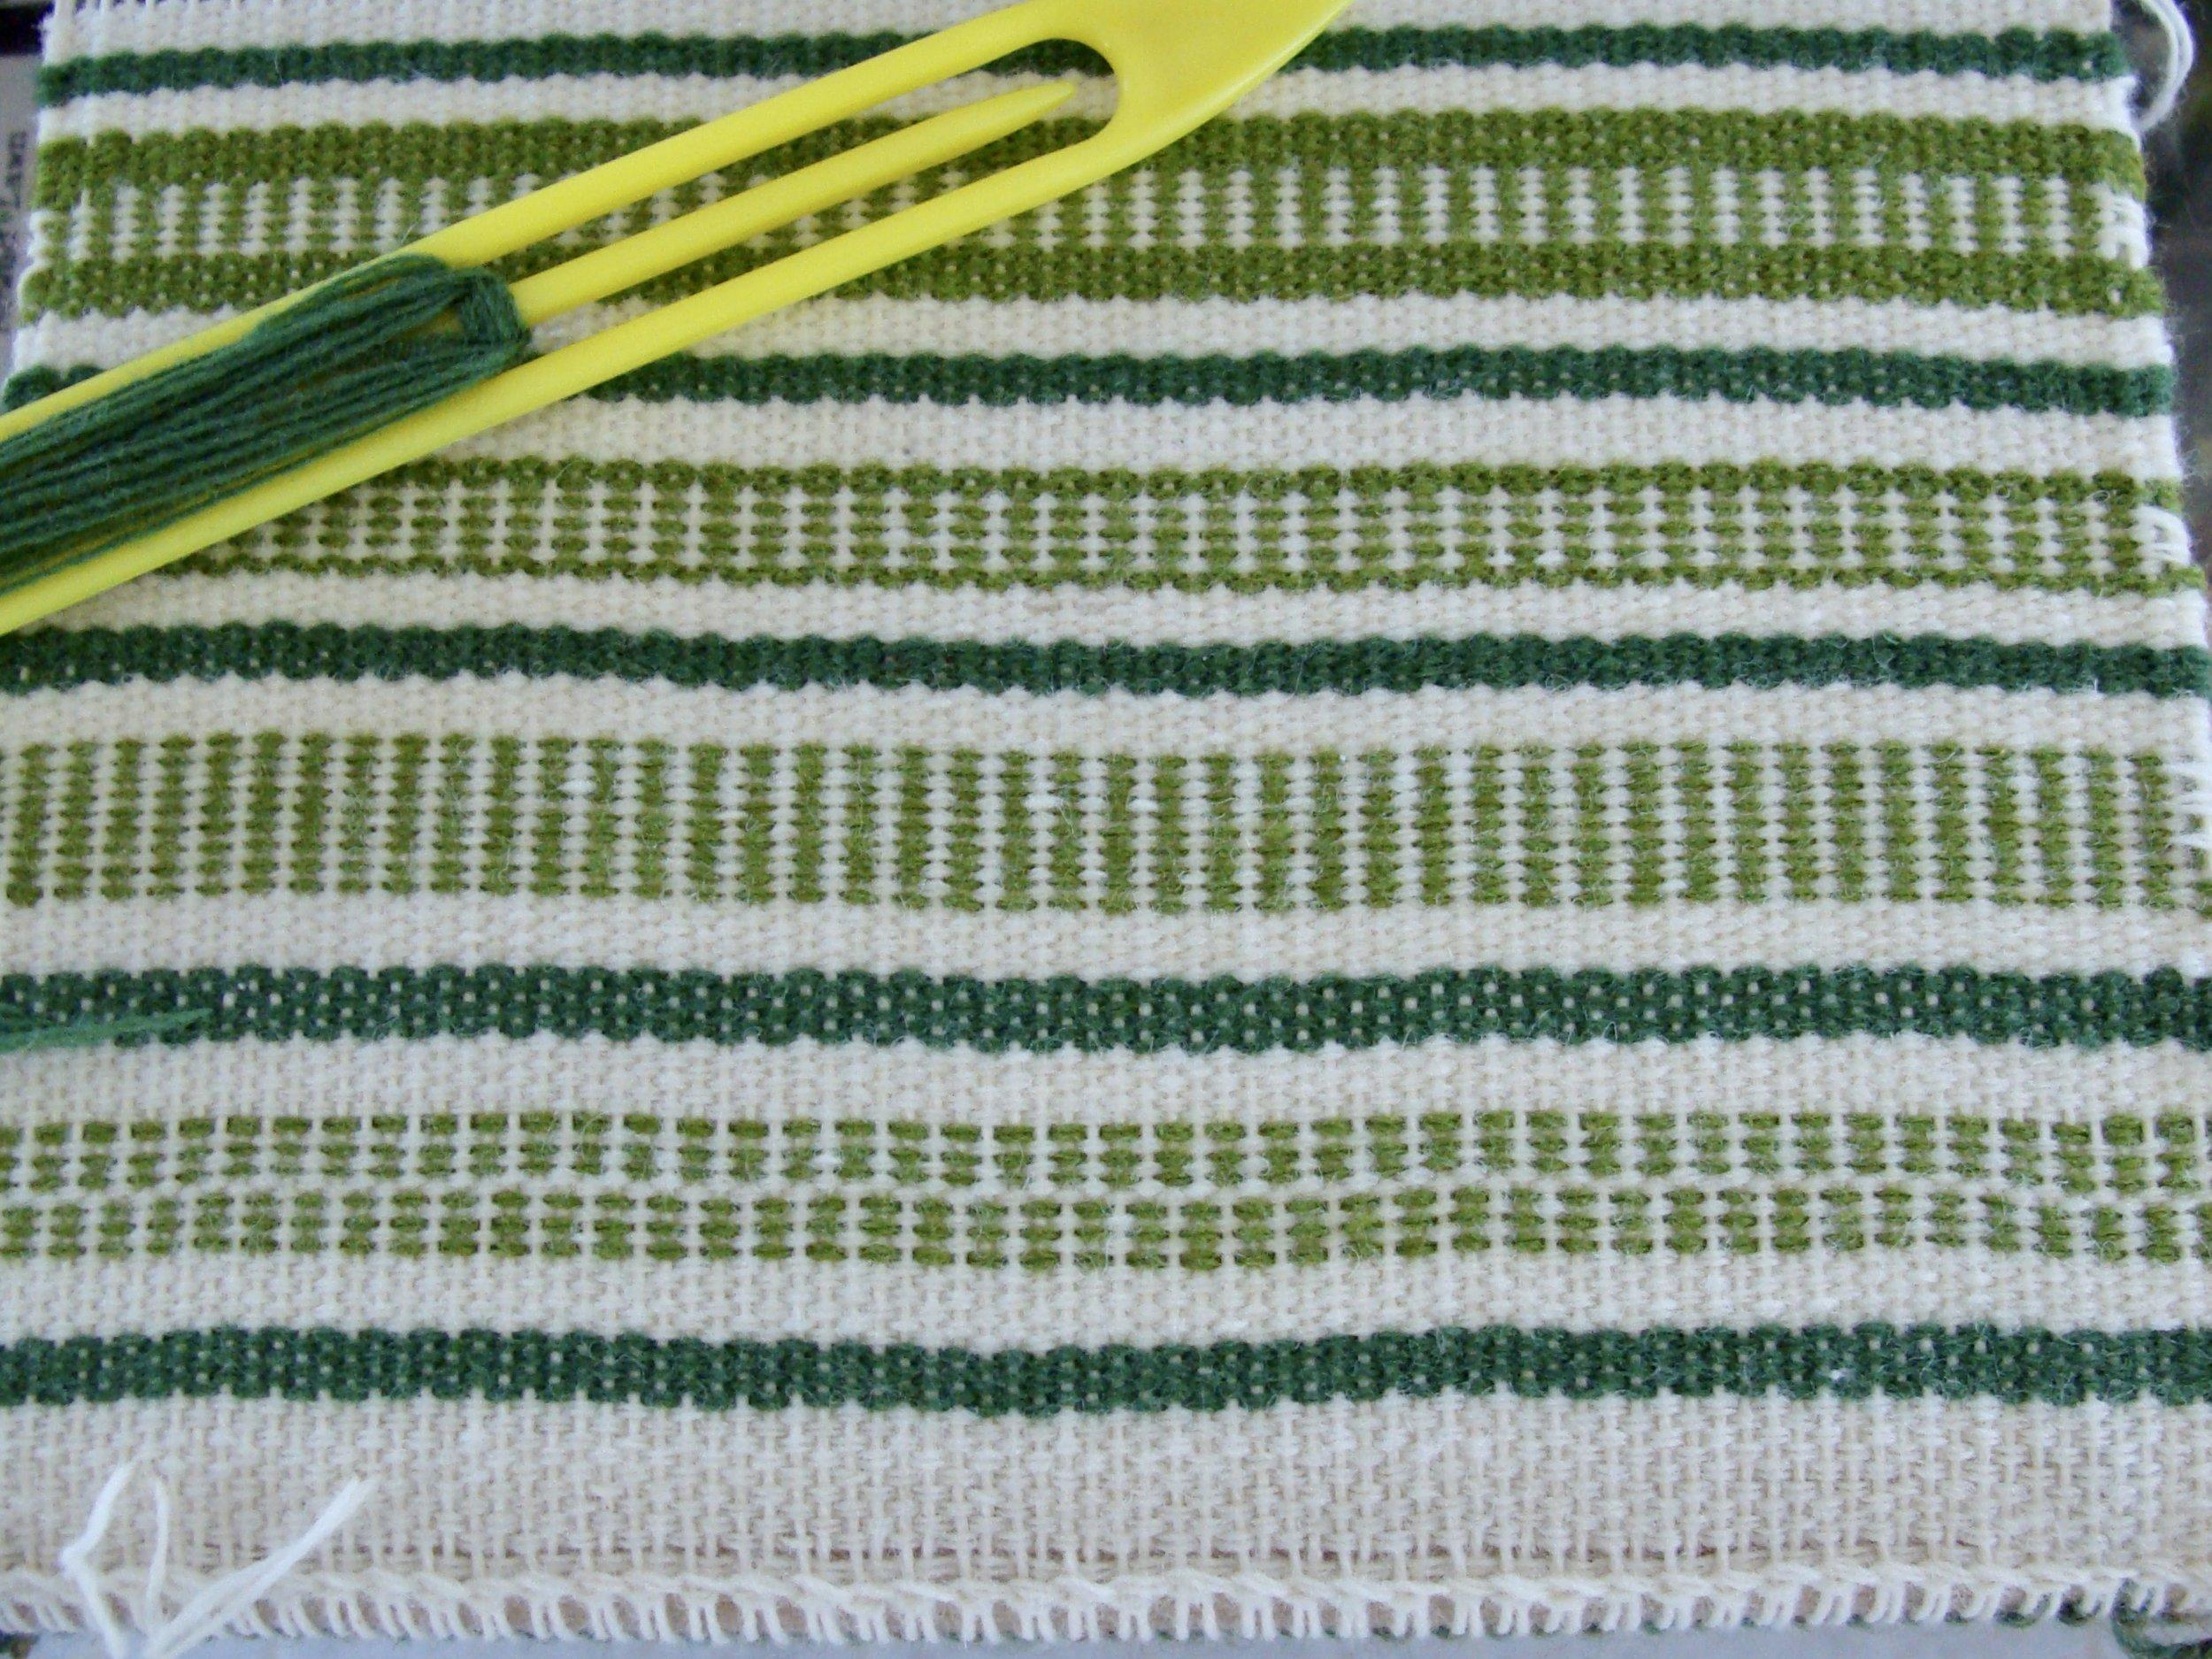 Sampler I - Weft Faced Plain Weave